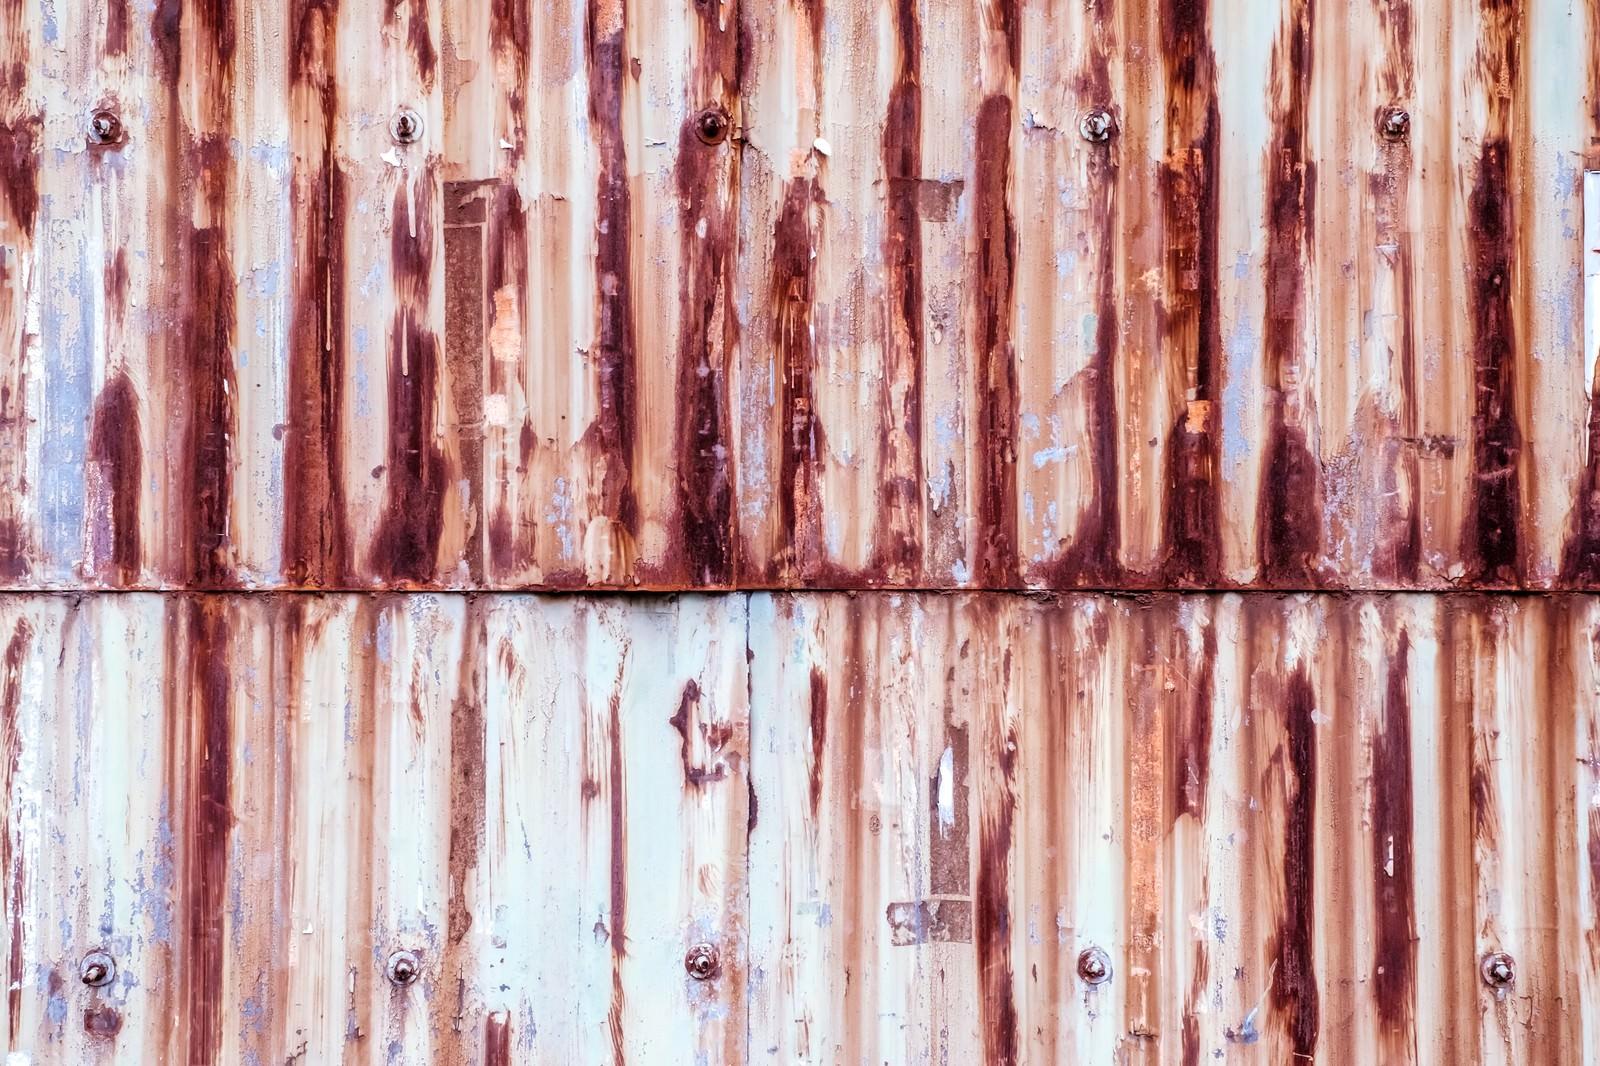 「塗装が剝がれて錆が目立つトタンの壁(テクスチャー)」の写真